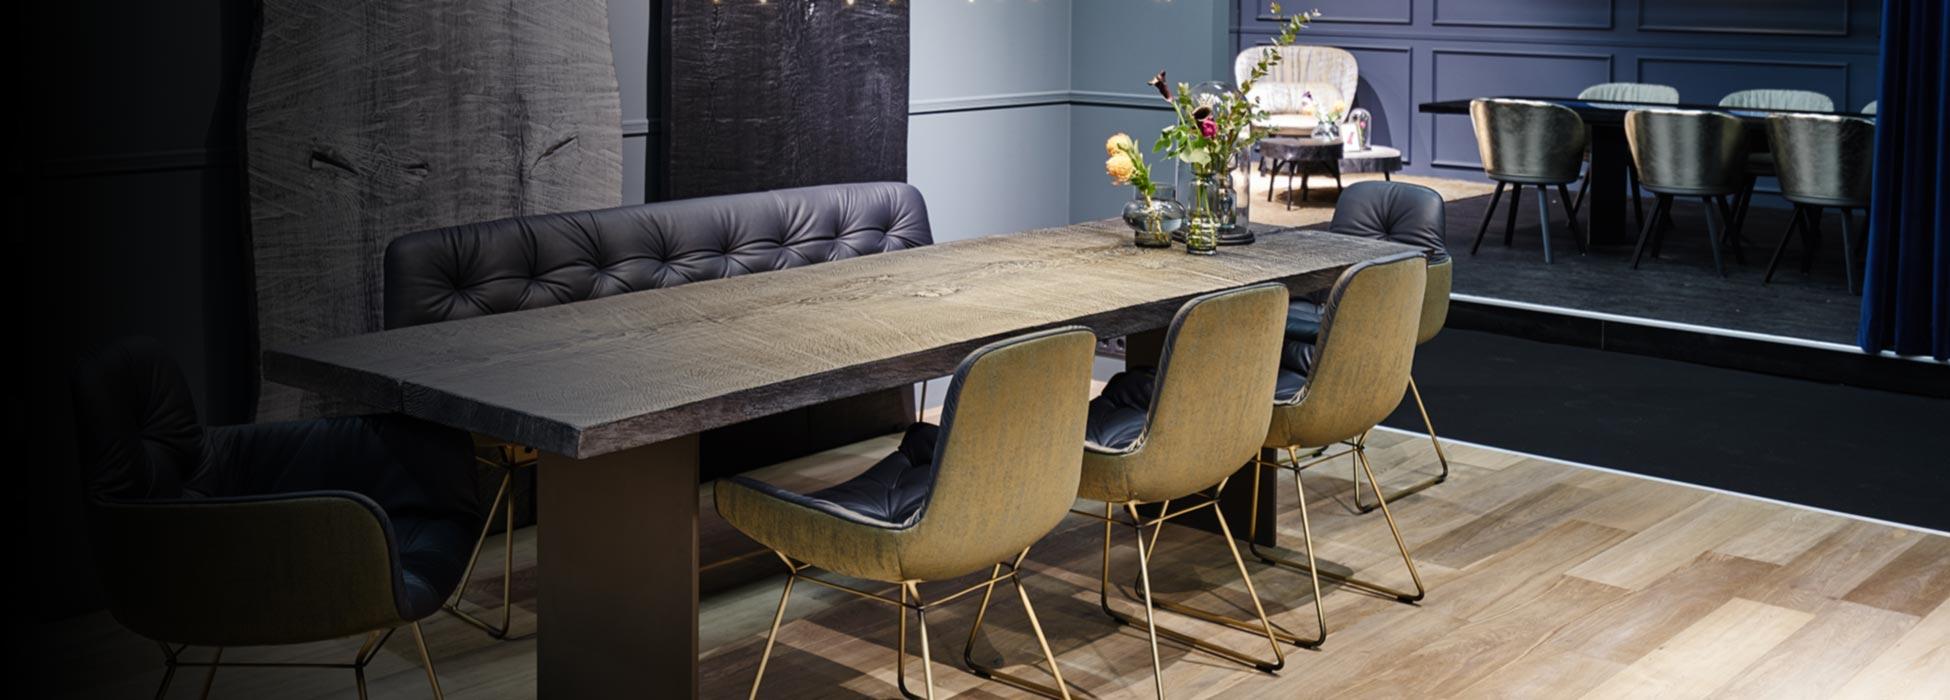 designerm bel steidten einrichten mit architekturintelligenz. Black Bedroom Furniture Sets. Home Design Ideas